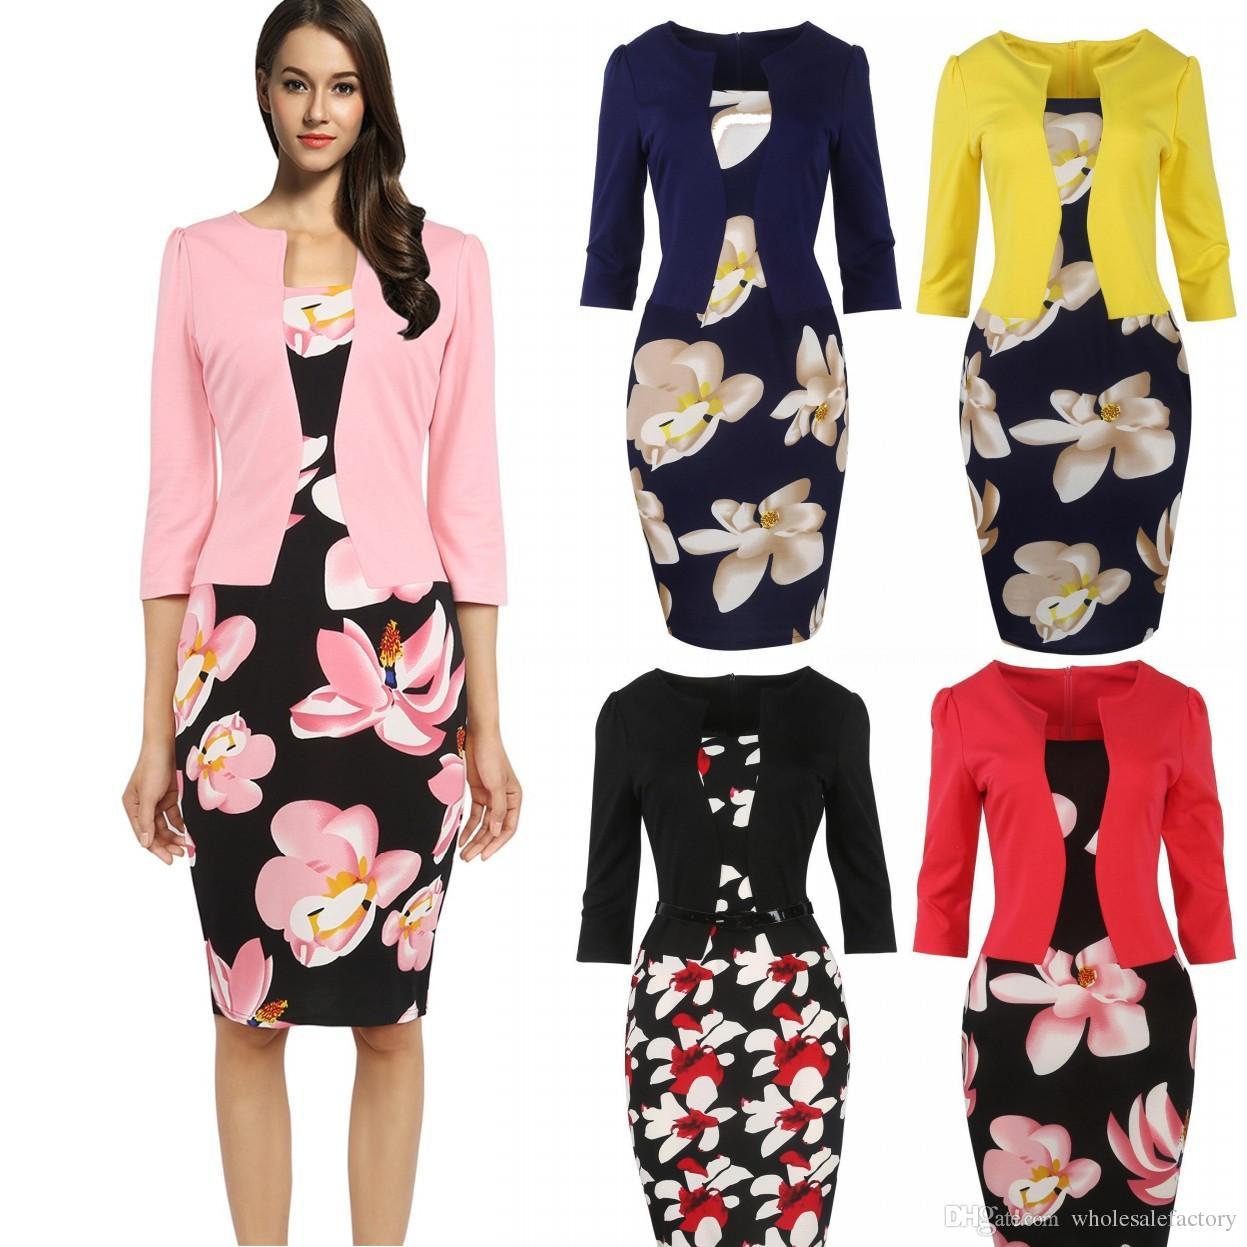 6ed3b11b4 Compre Venda Quente Vestidos 2017 Mulheres Outono Floral Lápis Vestido  Bodycon Escritório Senhoras Vestidos Bandage Trabalho Elegante 4XL Plus  Size FS0671 ...